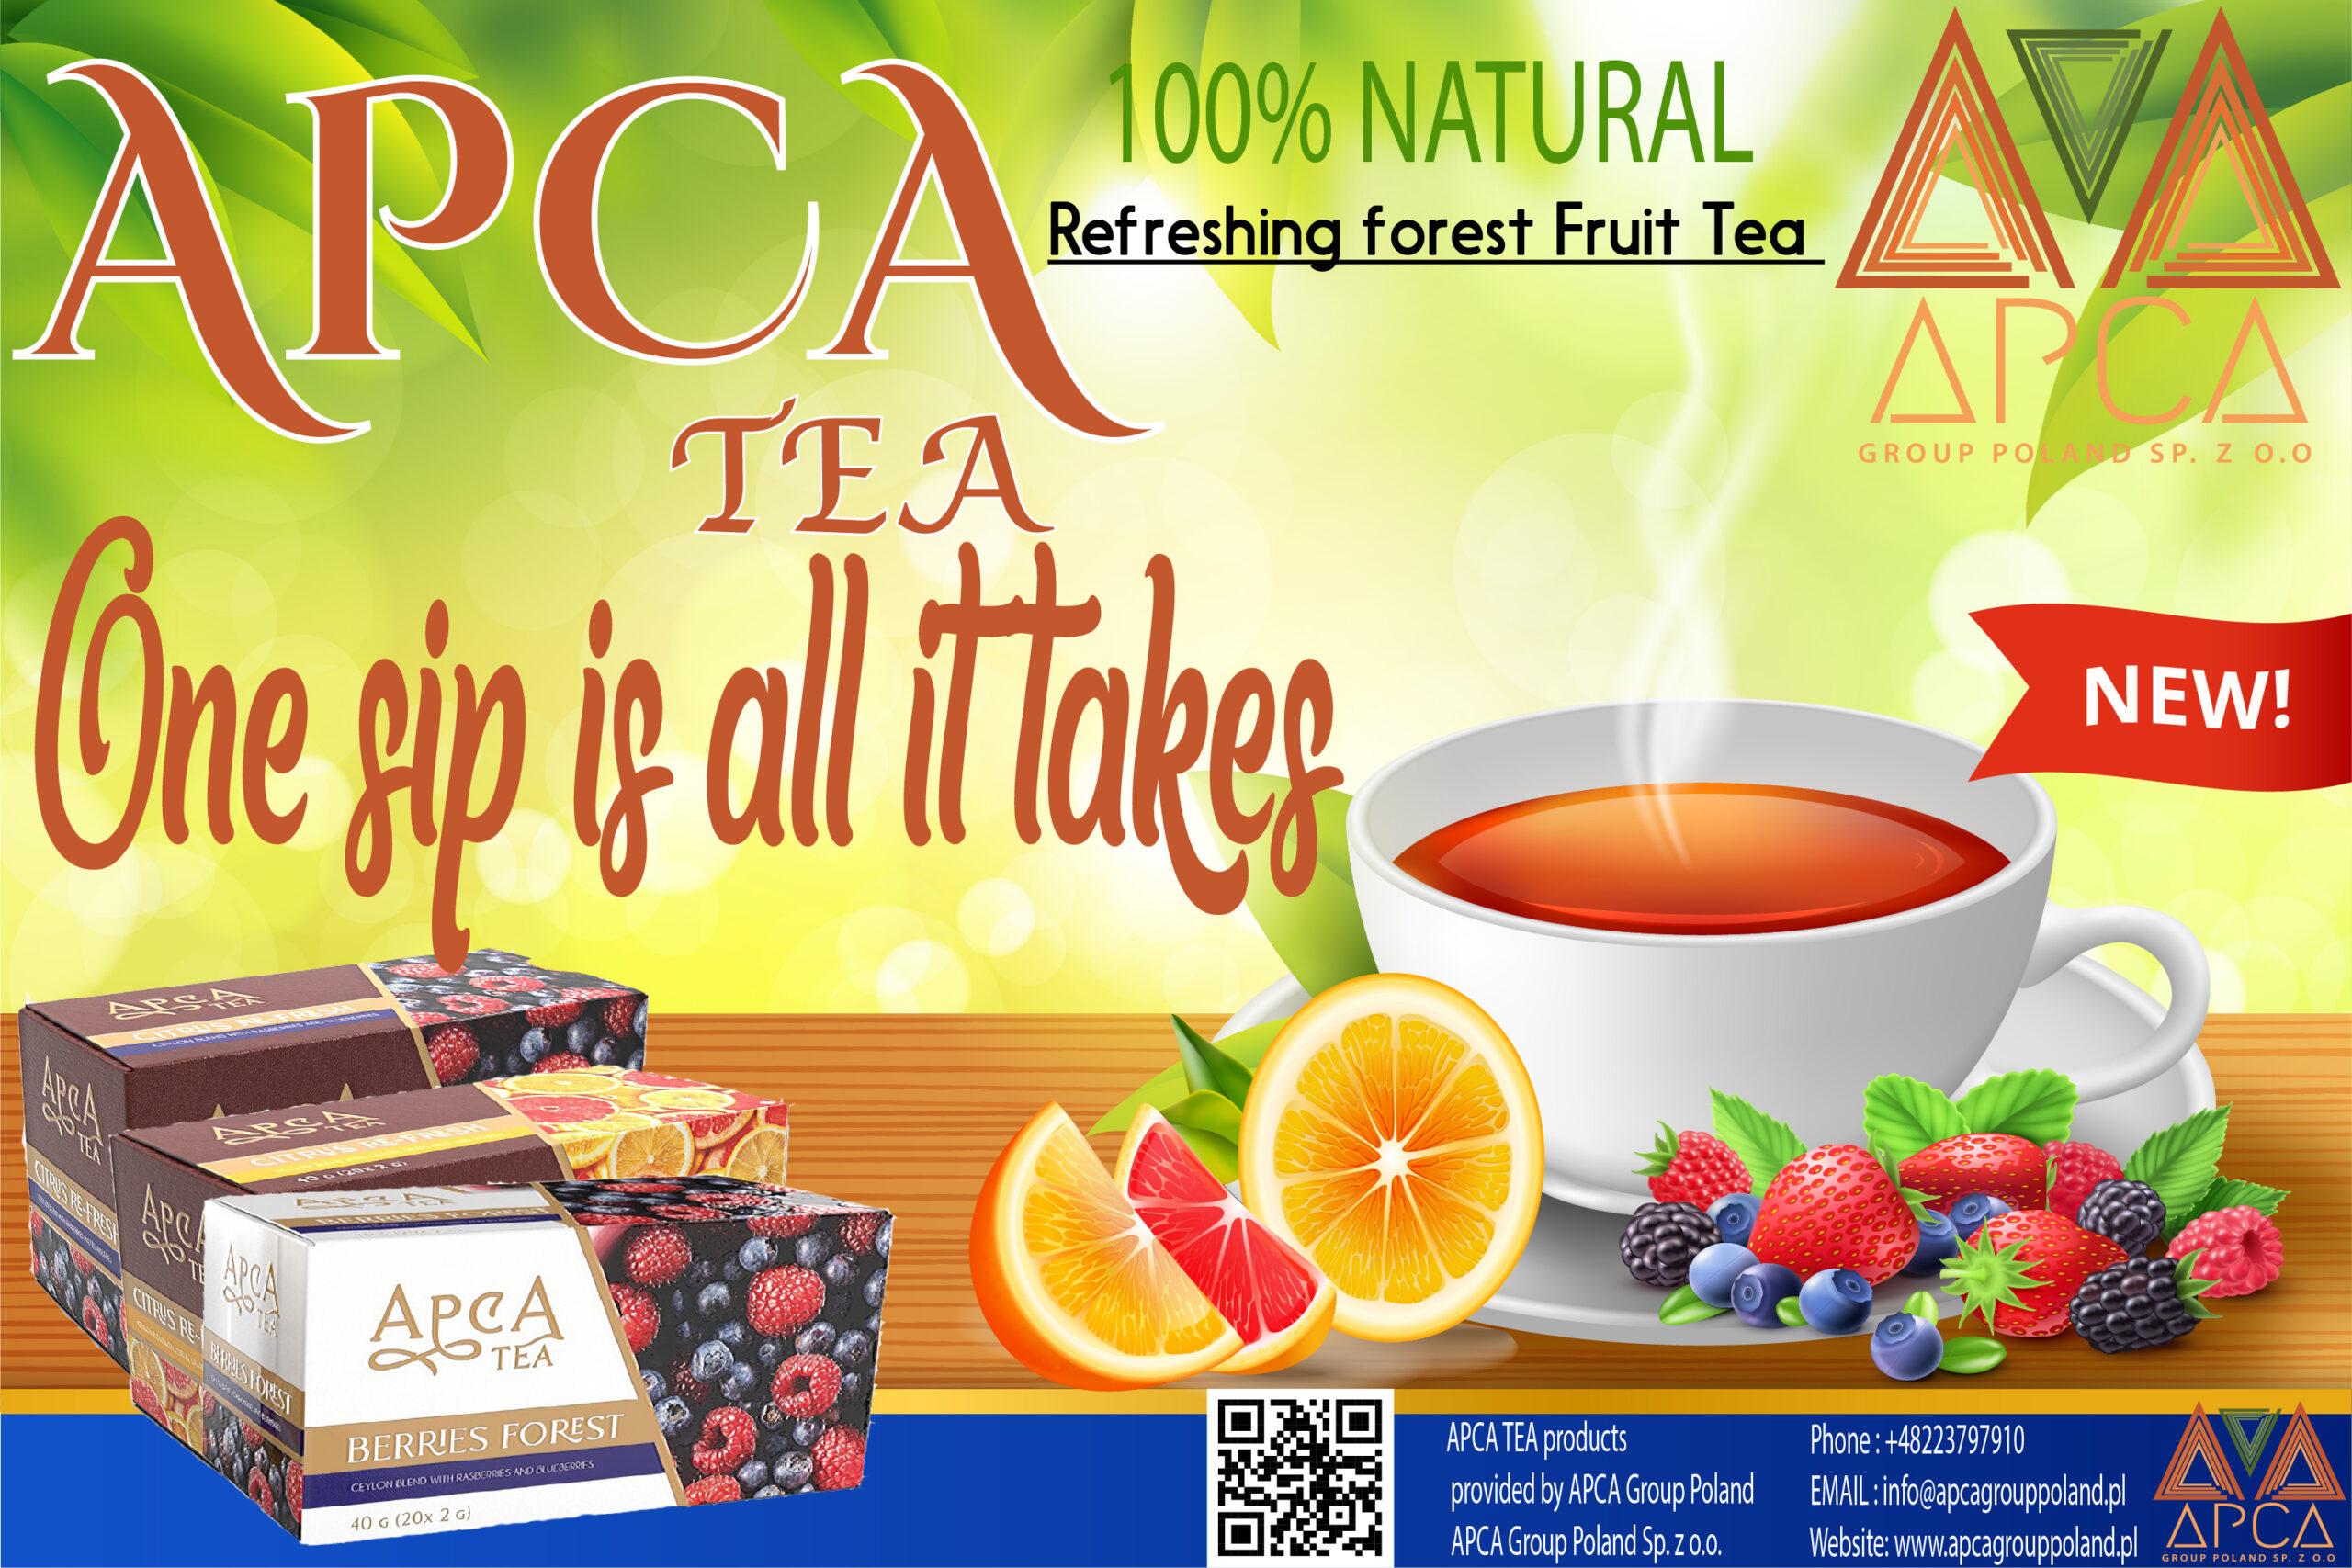 APCA TEA